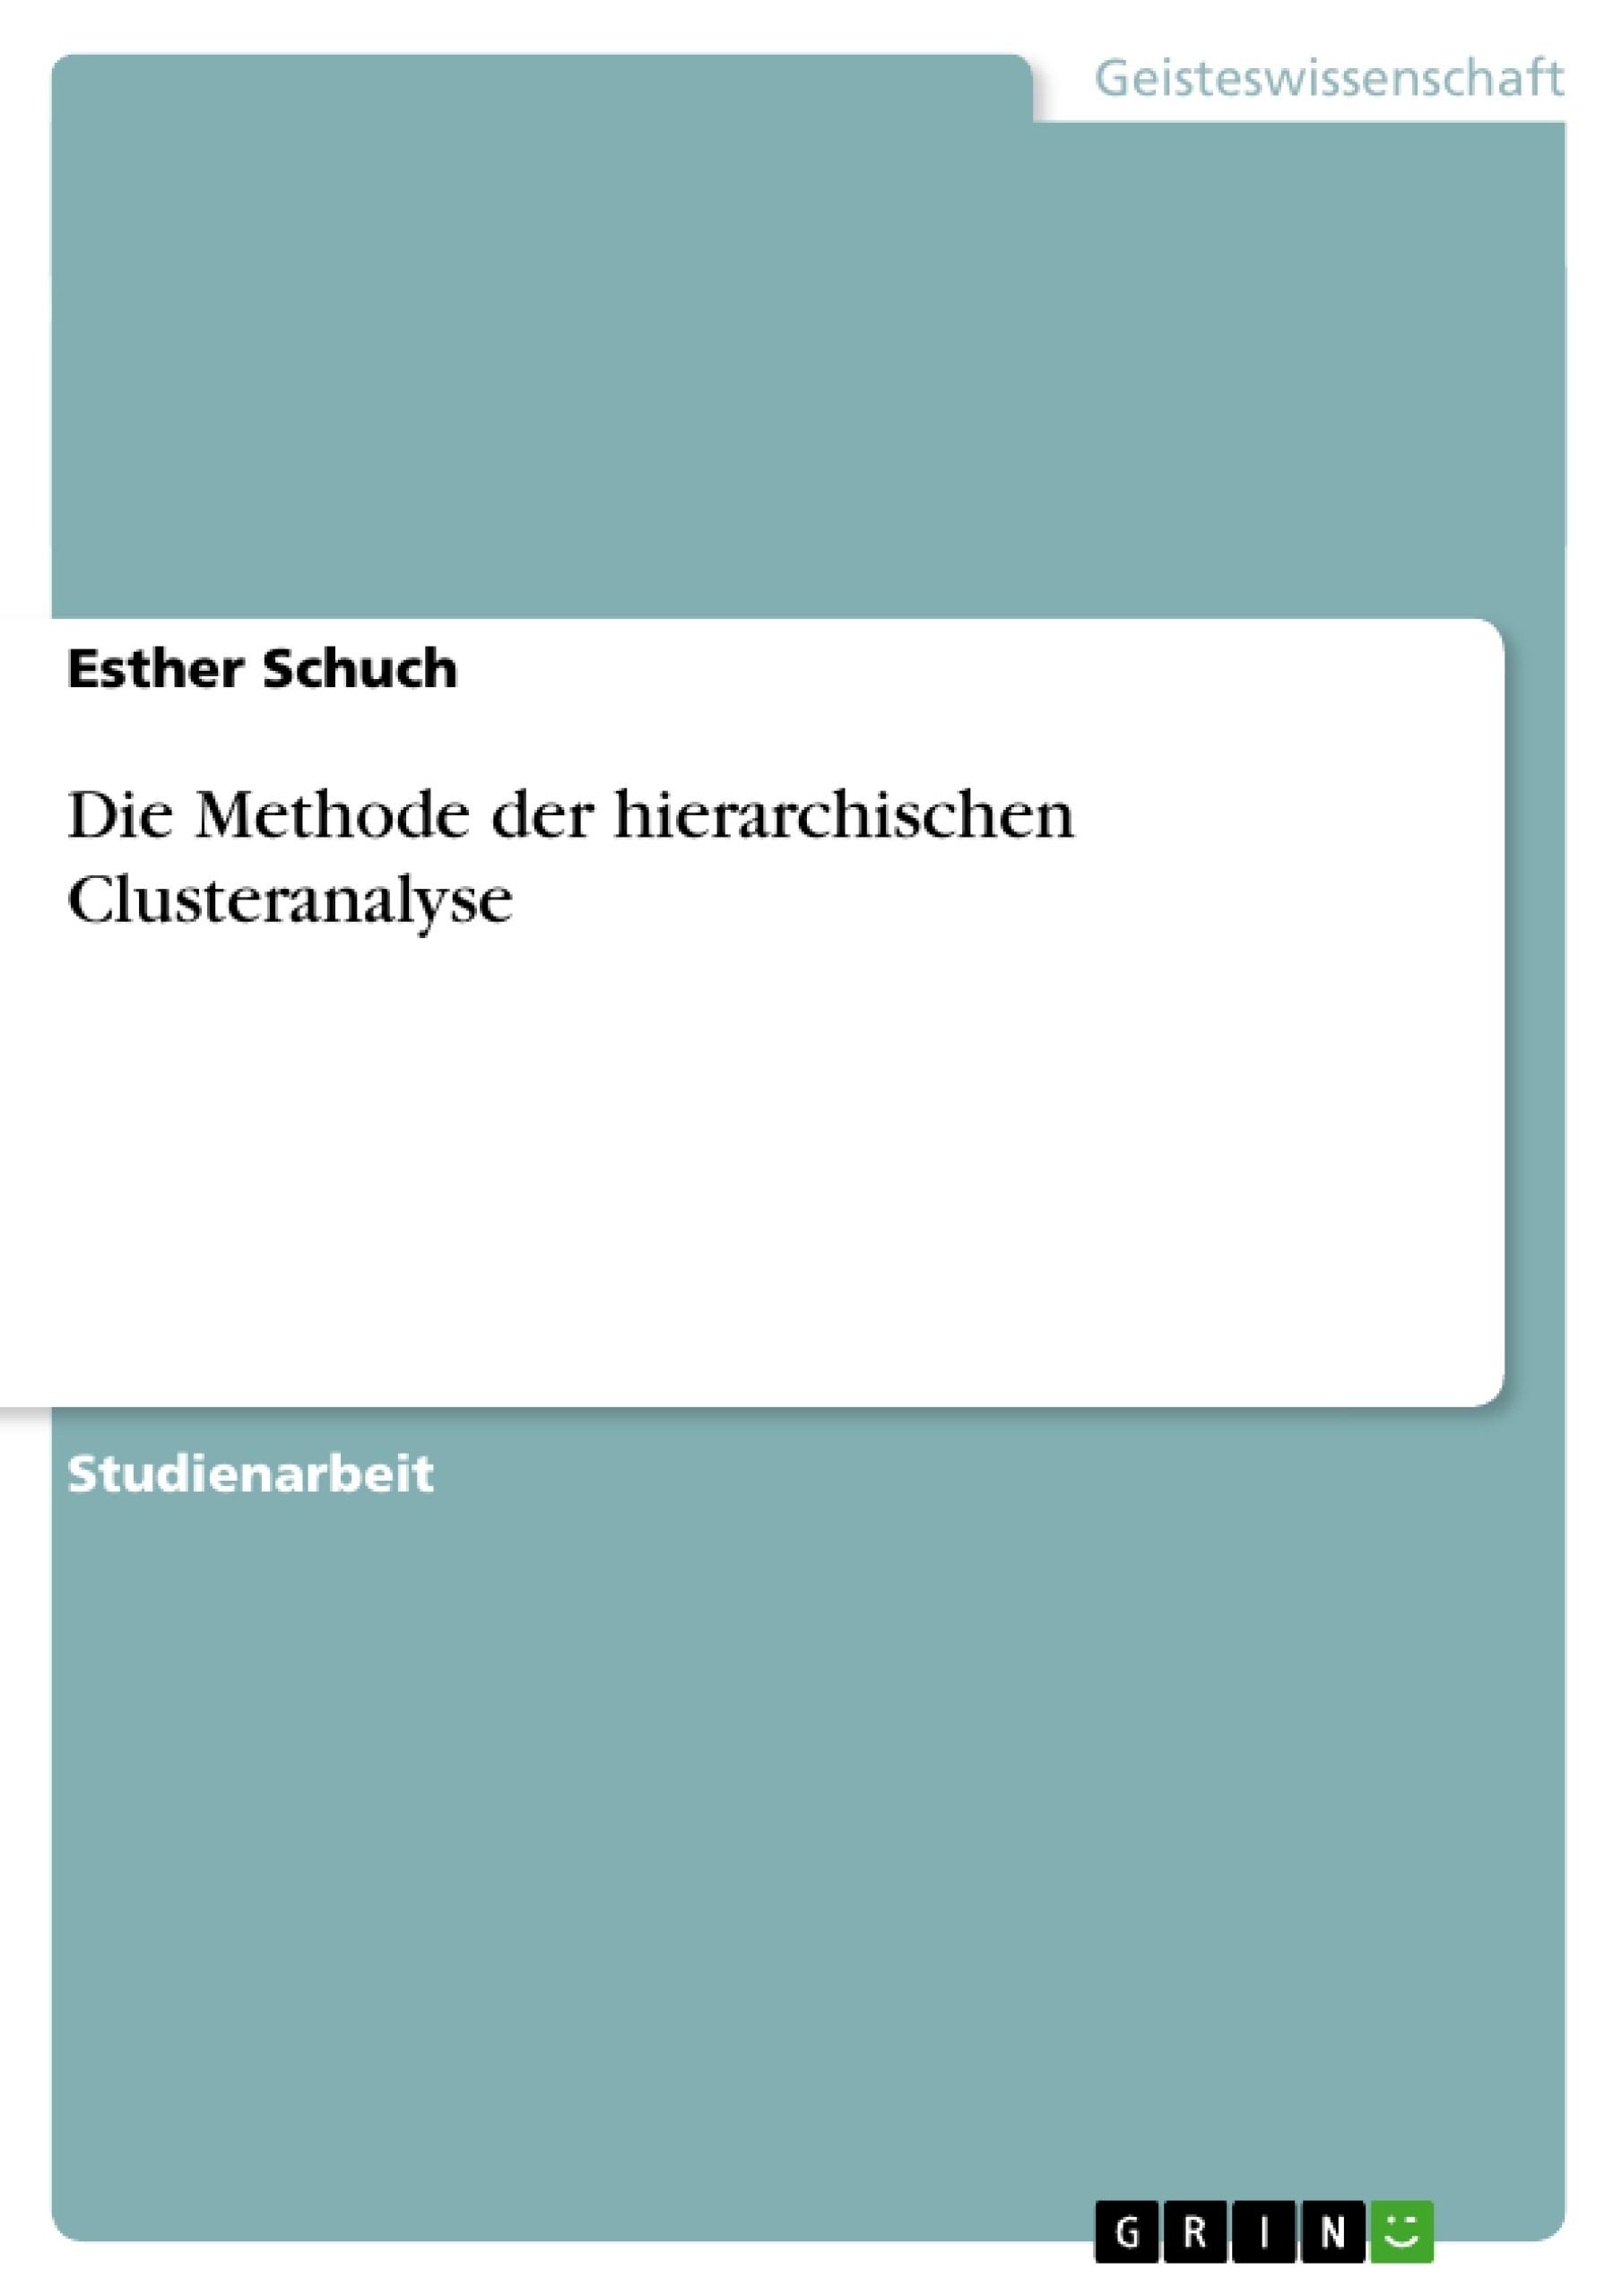 Titel: Die Methode der hierarchischen Clusteranalyse